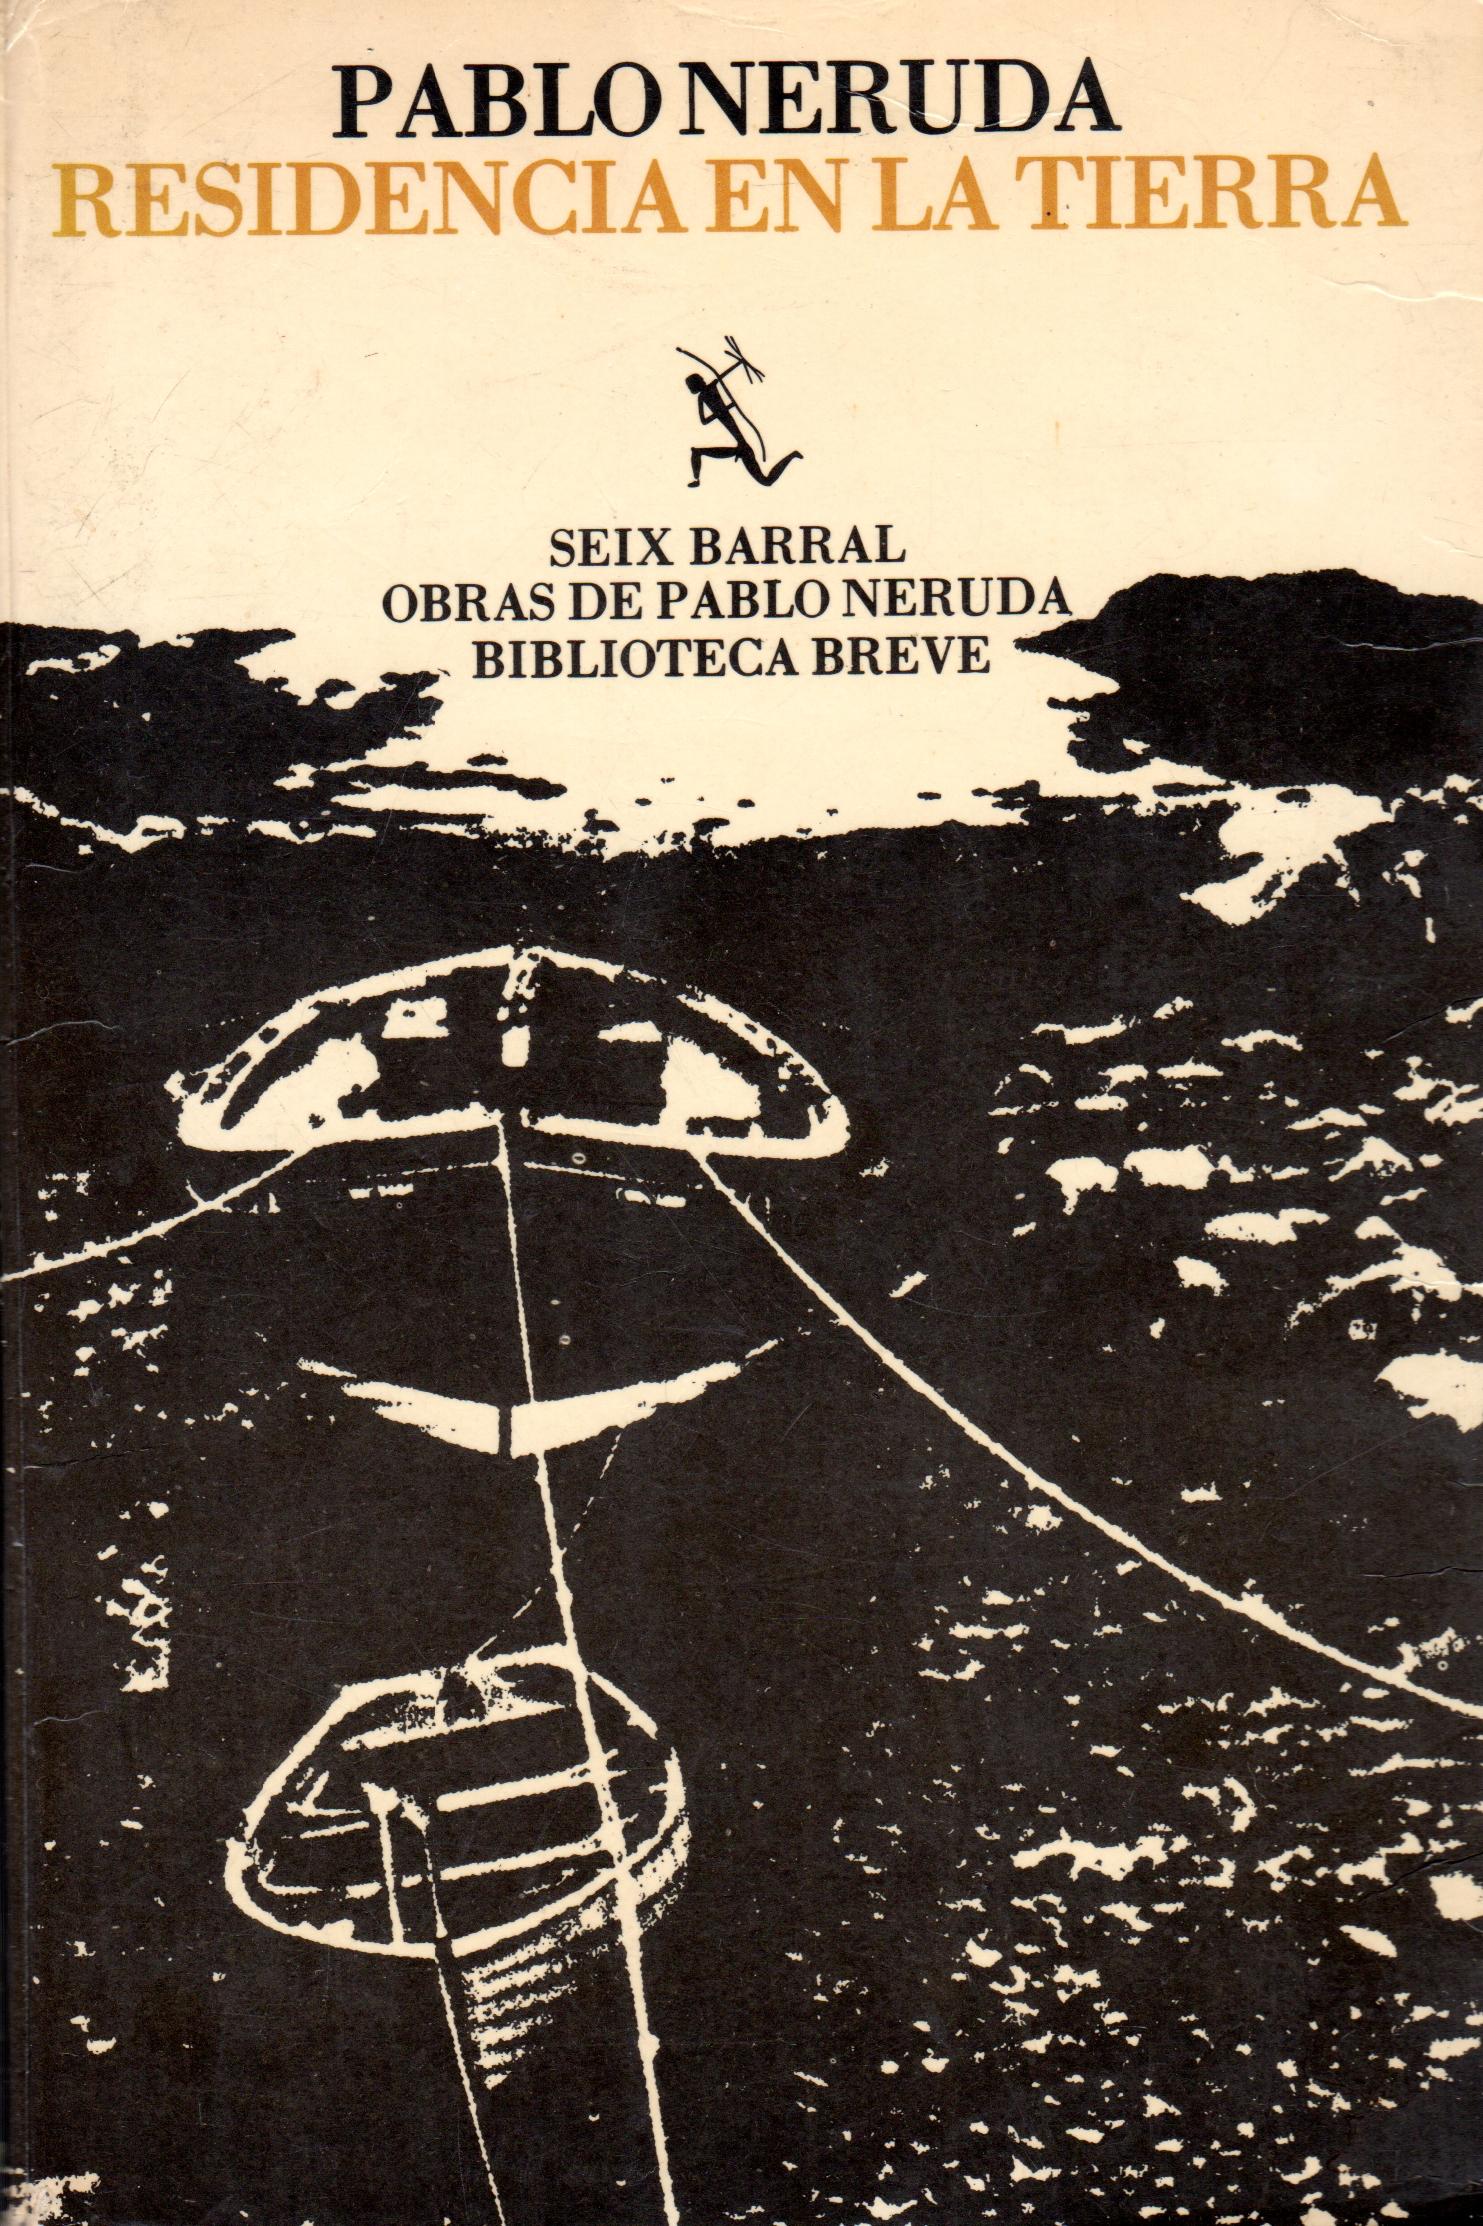 Residencia en la tierra - Pablo Neruda001-1